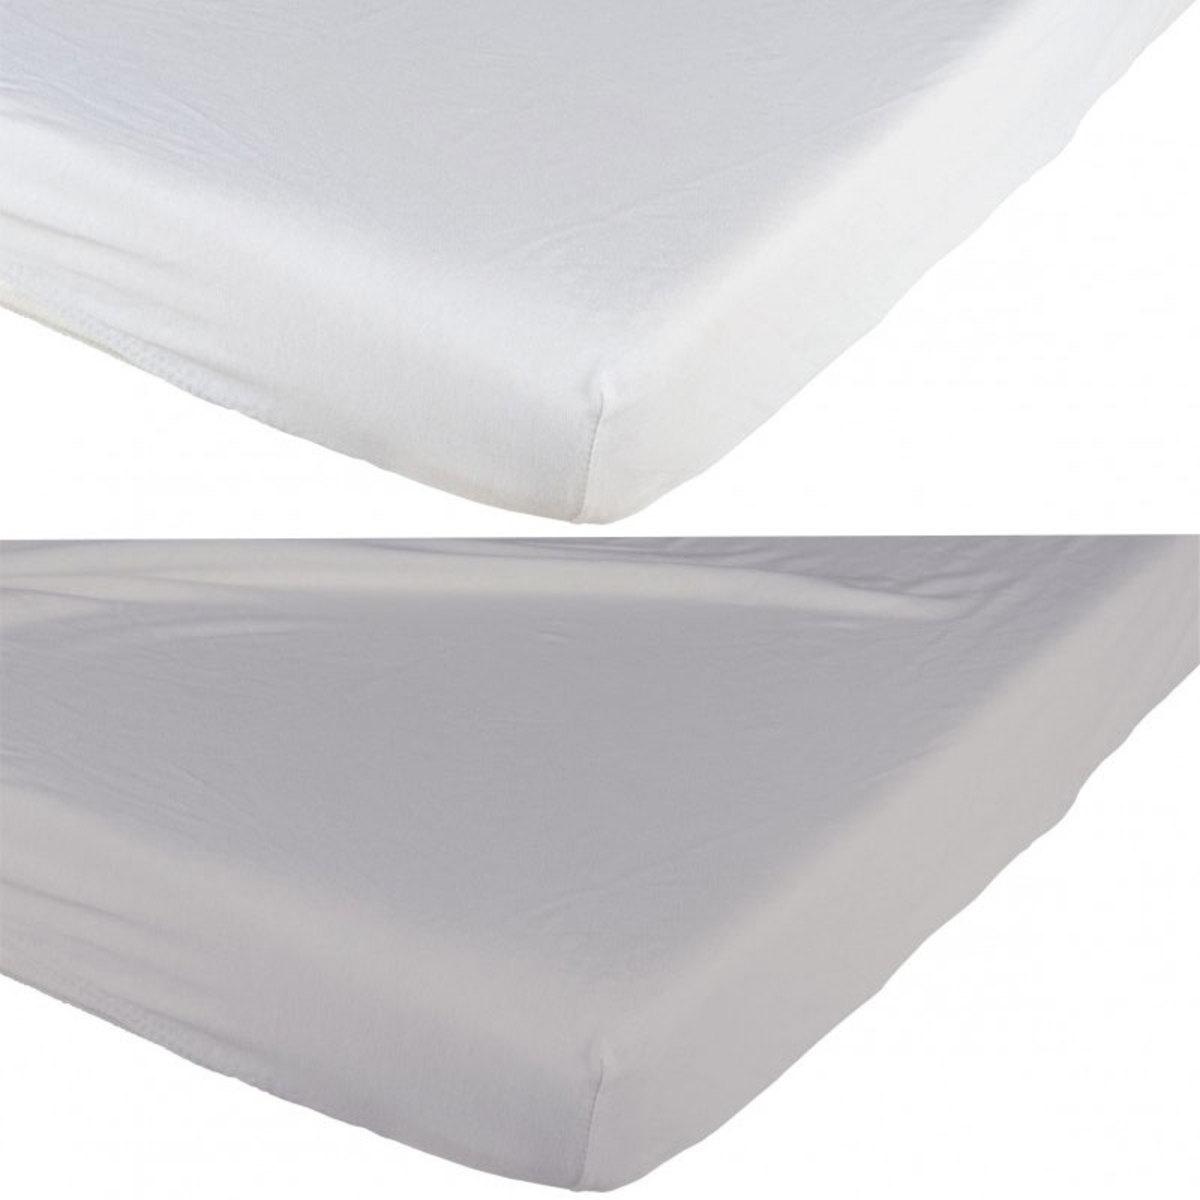 Linge de lit Lot de 2 Draps Housses Blanc et Gris - 70 x 140 cm Lot de 2 Draps Housses Blanc et Gris - 70 x 140 cm